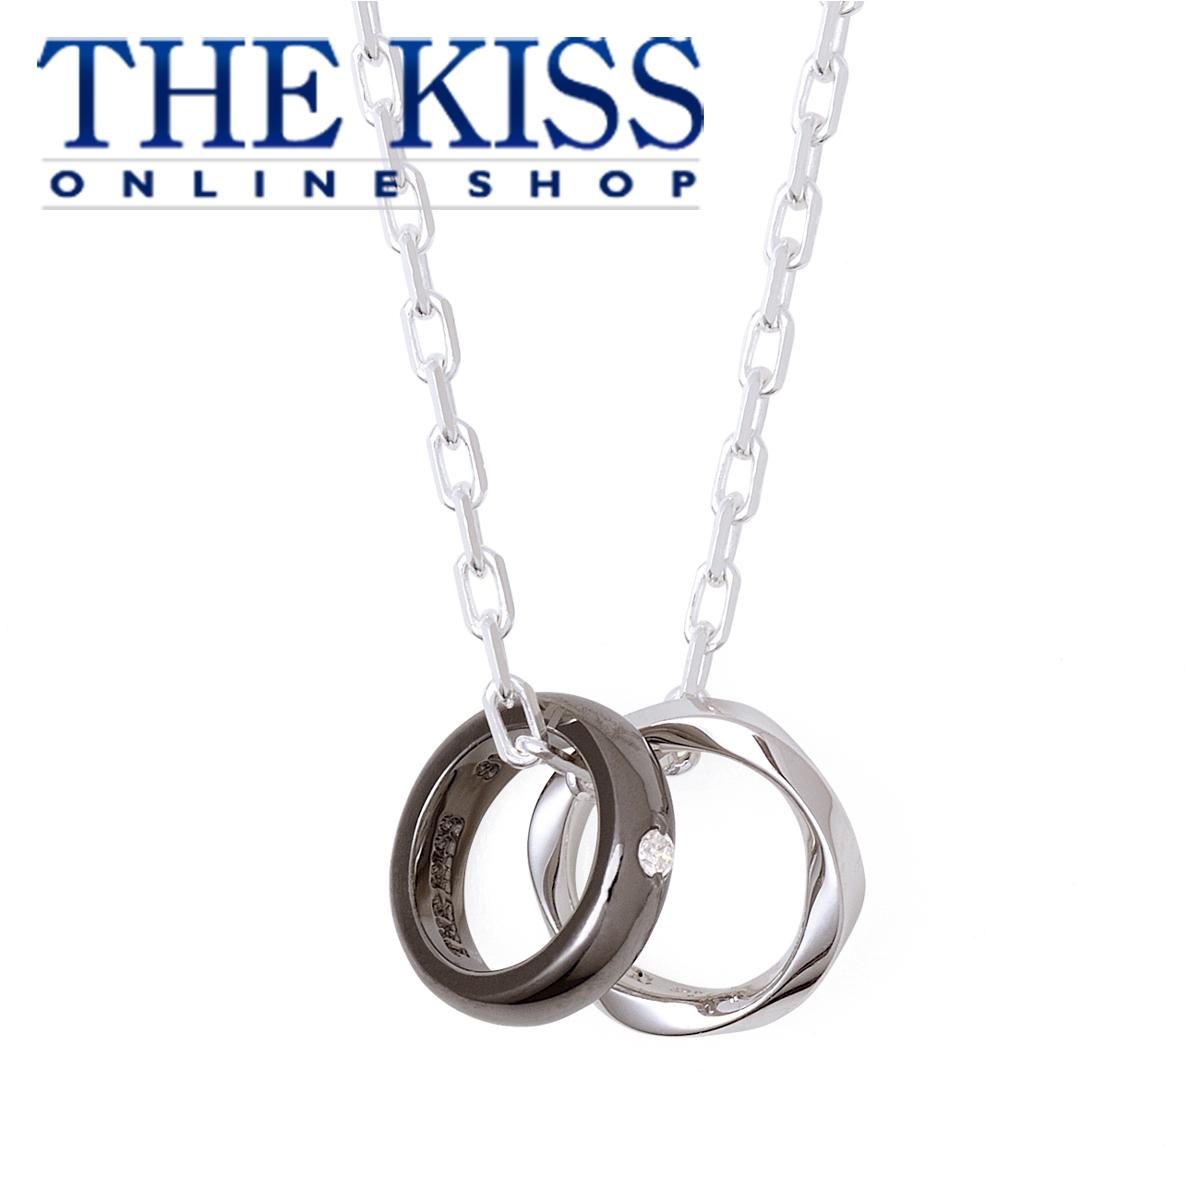 【あす楽対応】THE KISS 公式サイト シルバー ペアネックレス (メンズ 単品) ペアアクセサリー カップル に 人気 の ジュエリーブランド THEKISS ペア ネックレス・ペンダント 記念日 プレゼント 2017-01NBK-DM ザキス 【送料無料】